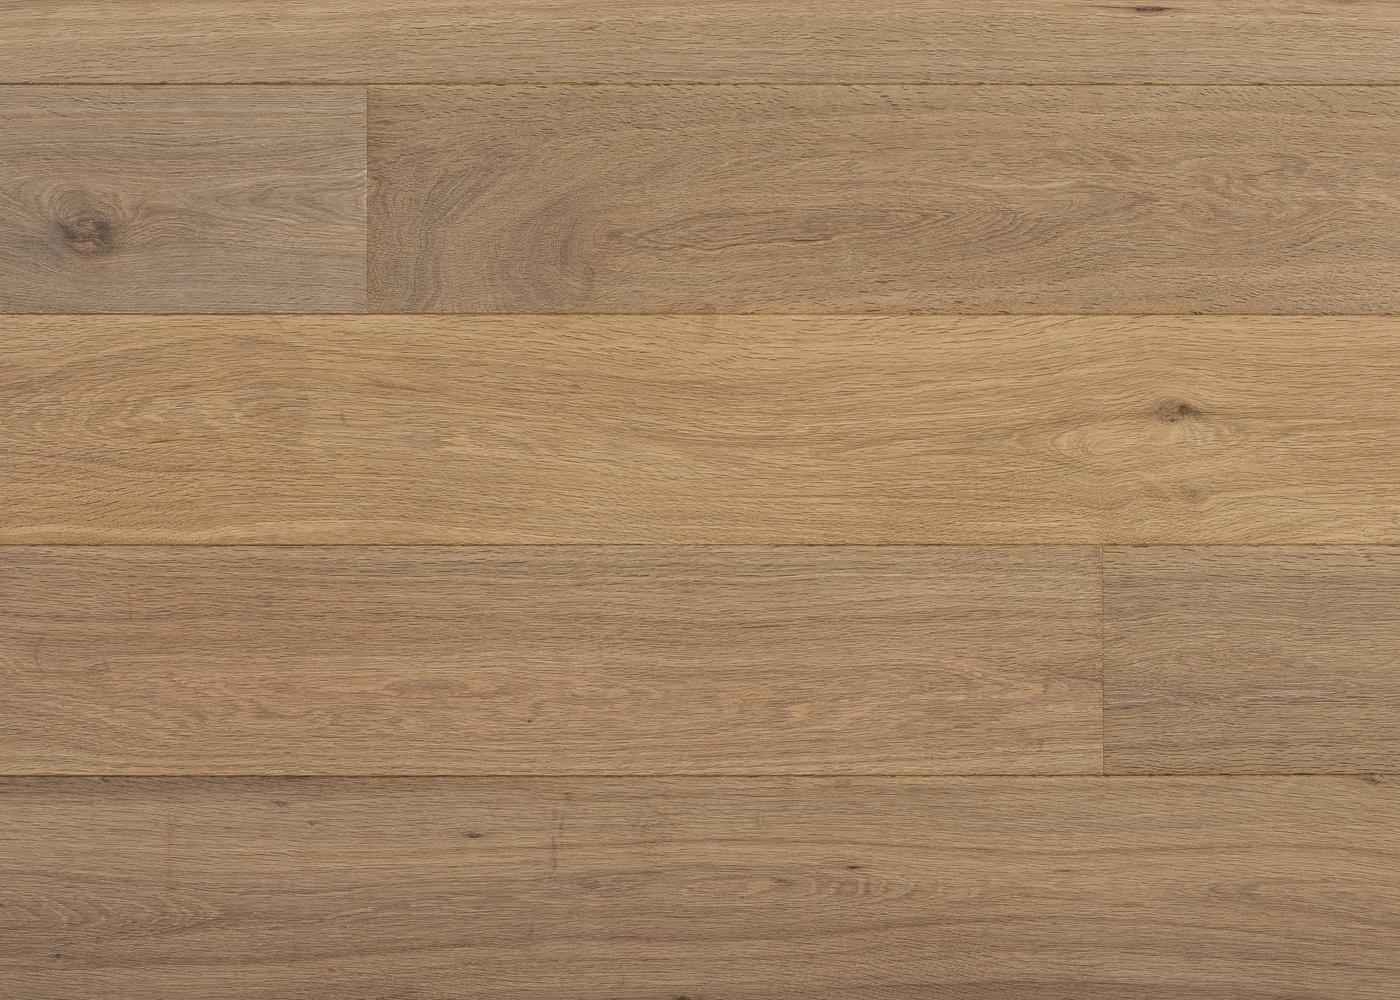 Parquet chêne contrecollé AMBRE huile cire Mélange 50% PRBis, 50% Matière 12x160x1100-2200